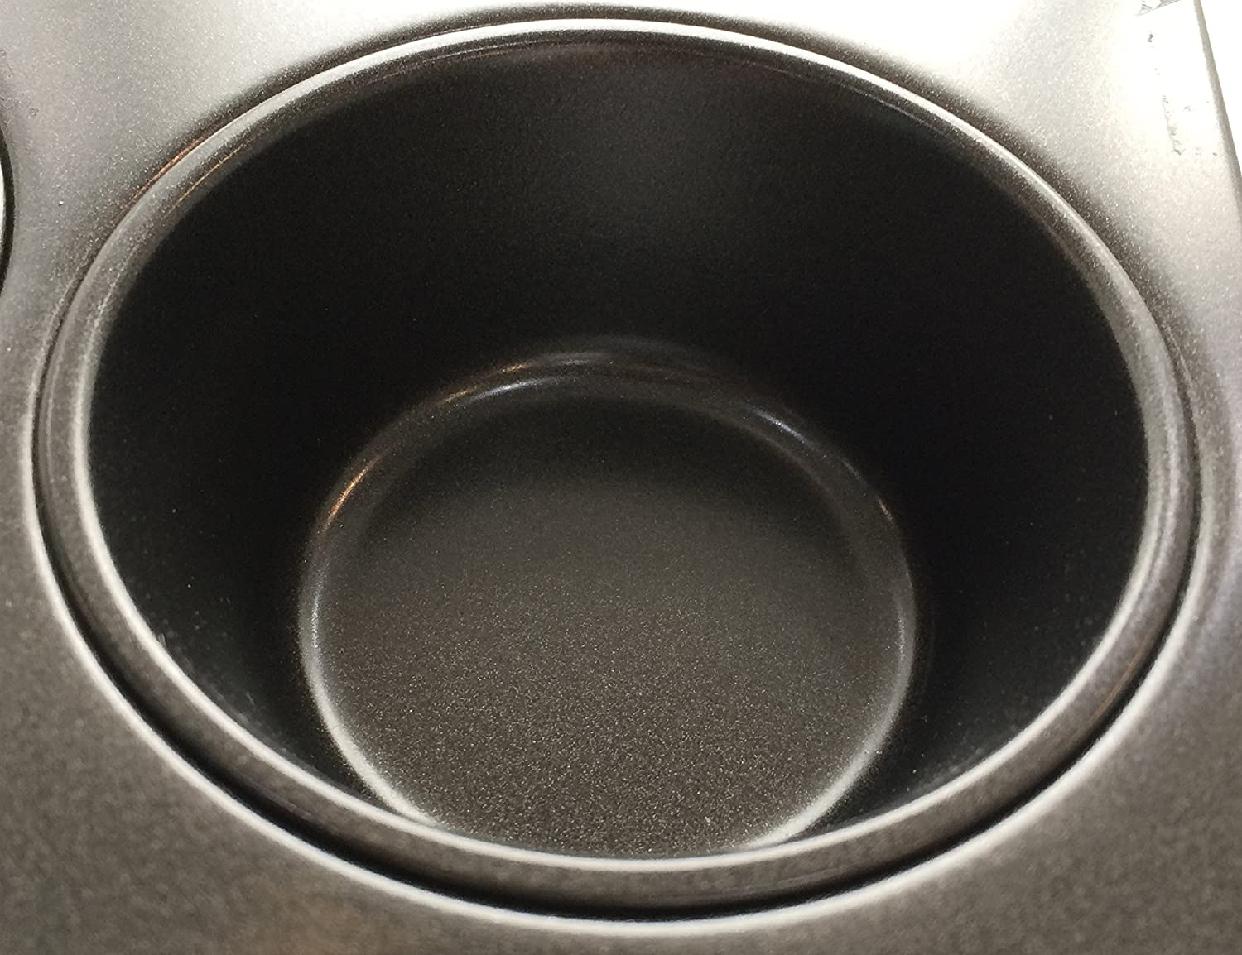 EEスイーツ(イーイースイーツ)マフィン型 D-4838 ブラックの商品画像5